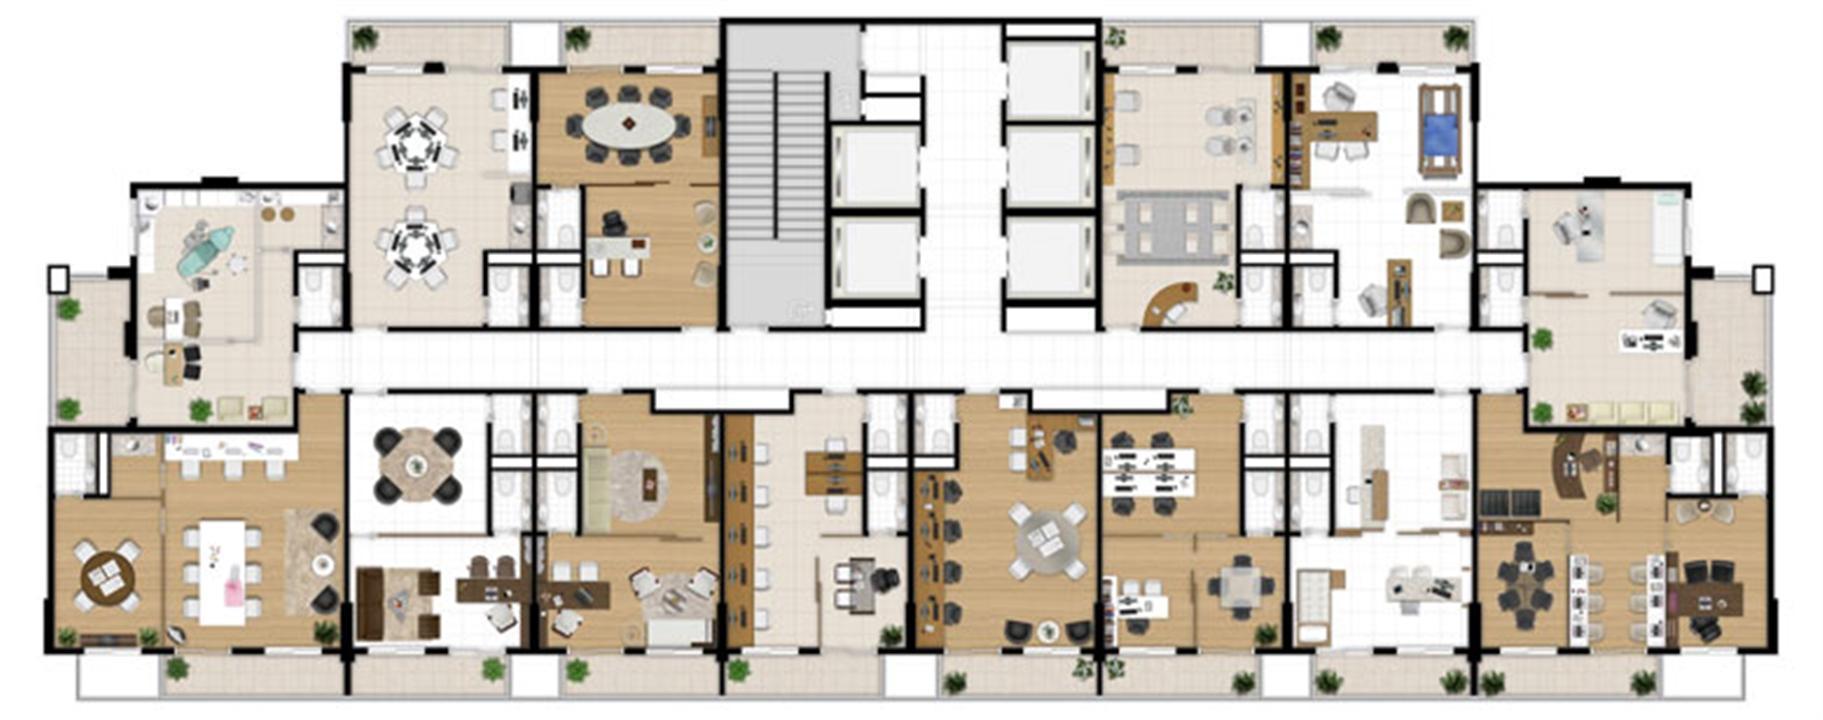 Planta - Tipo ilustrada do pavimento | Escritórios Design – Salas Comerciaisno  Cambuí - Campinas - São Paulo